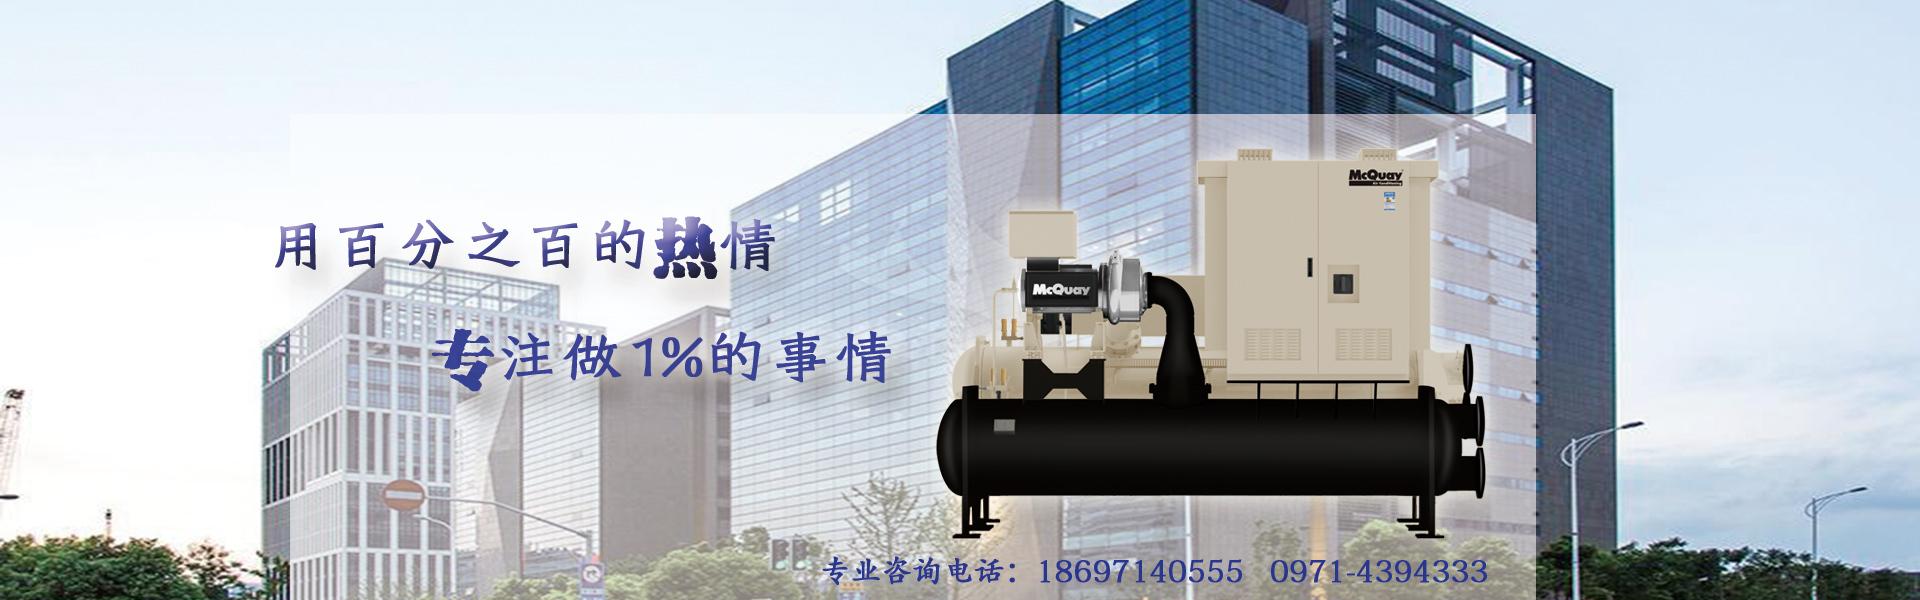 青海申慱手机版网址